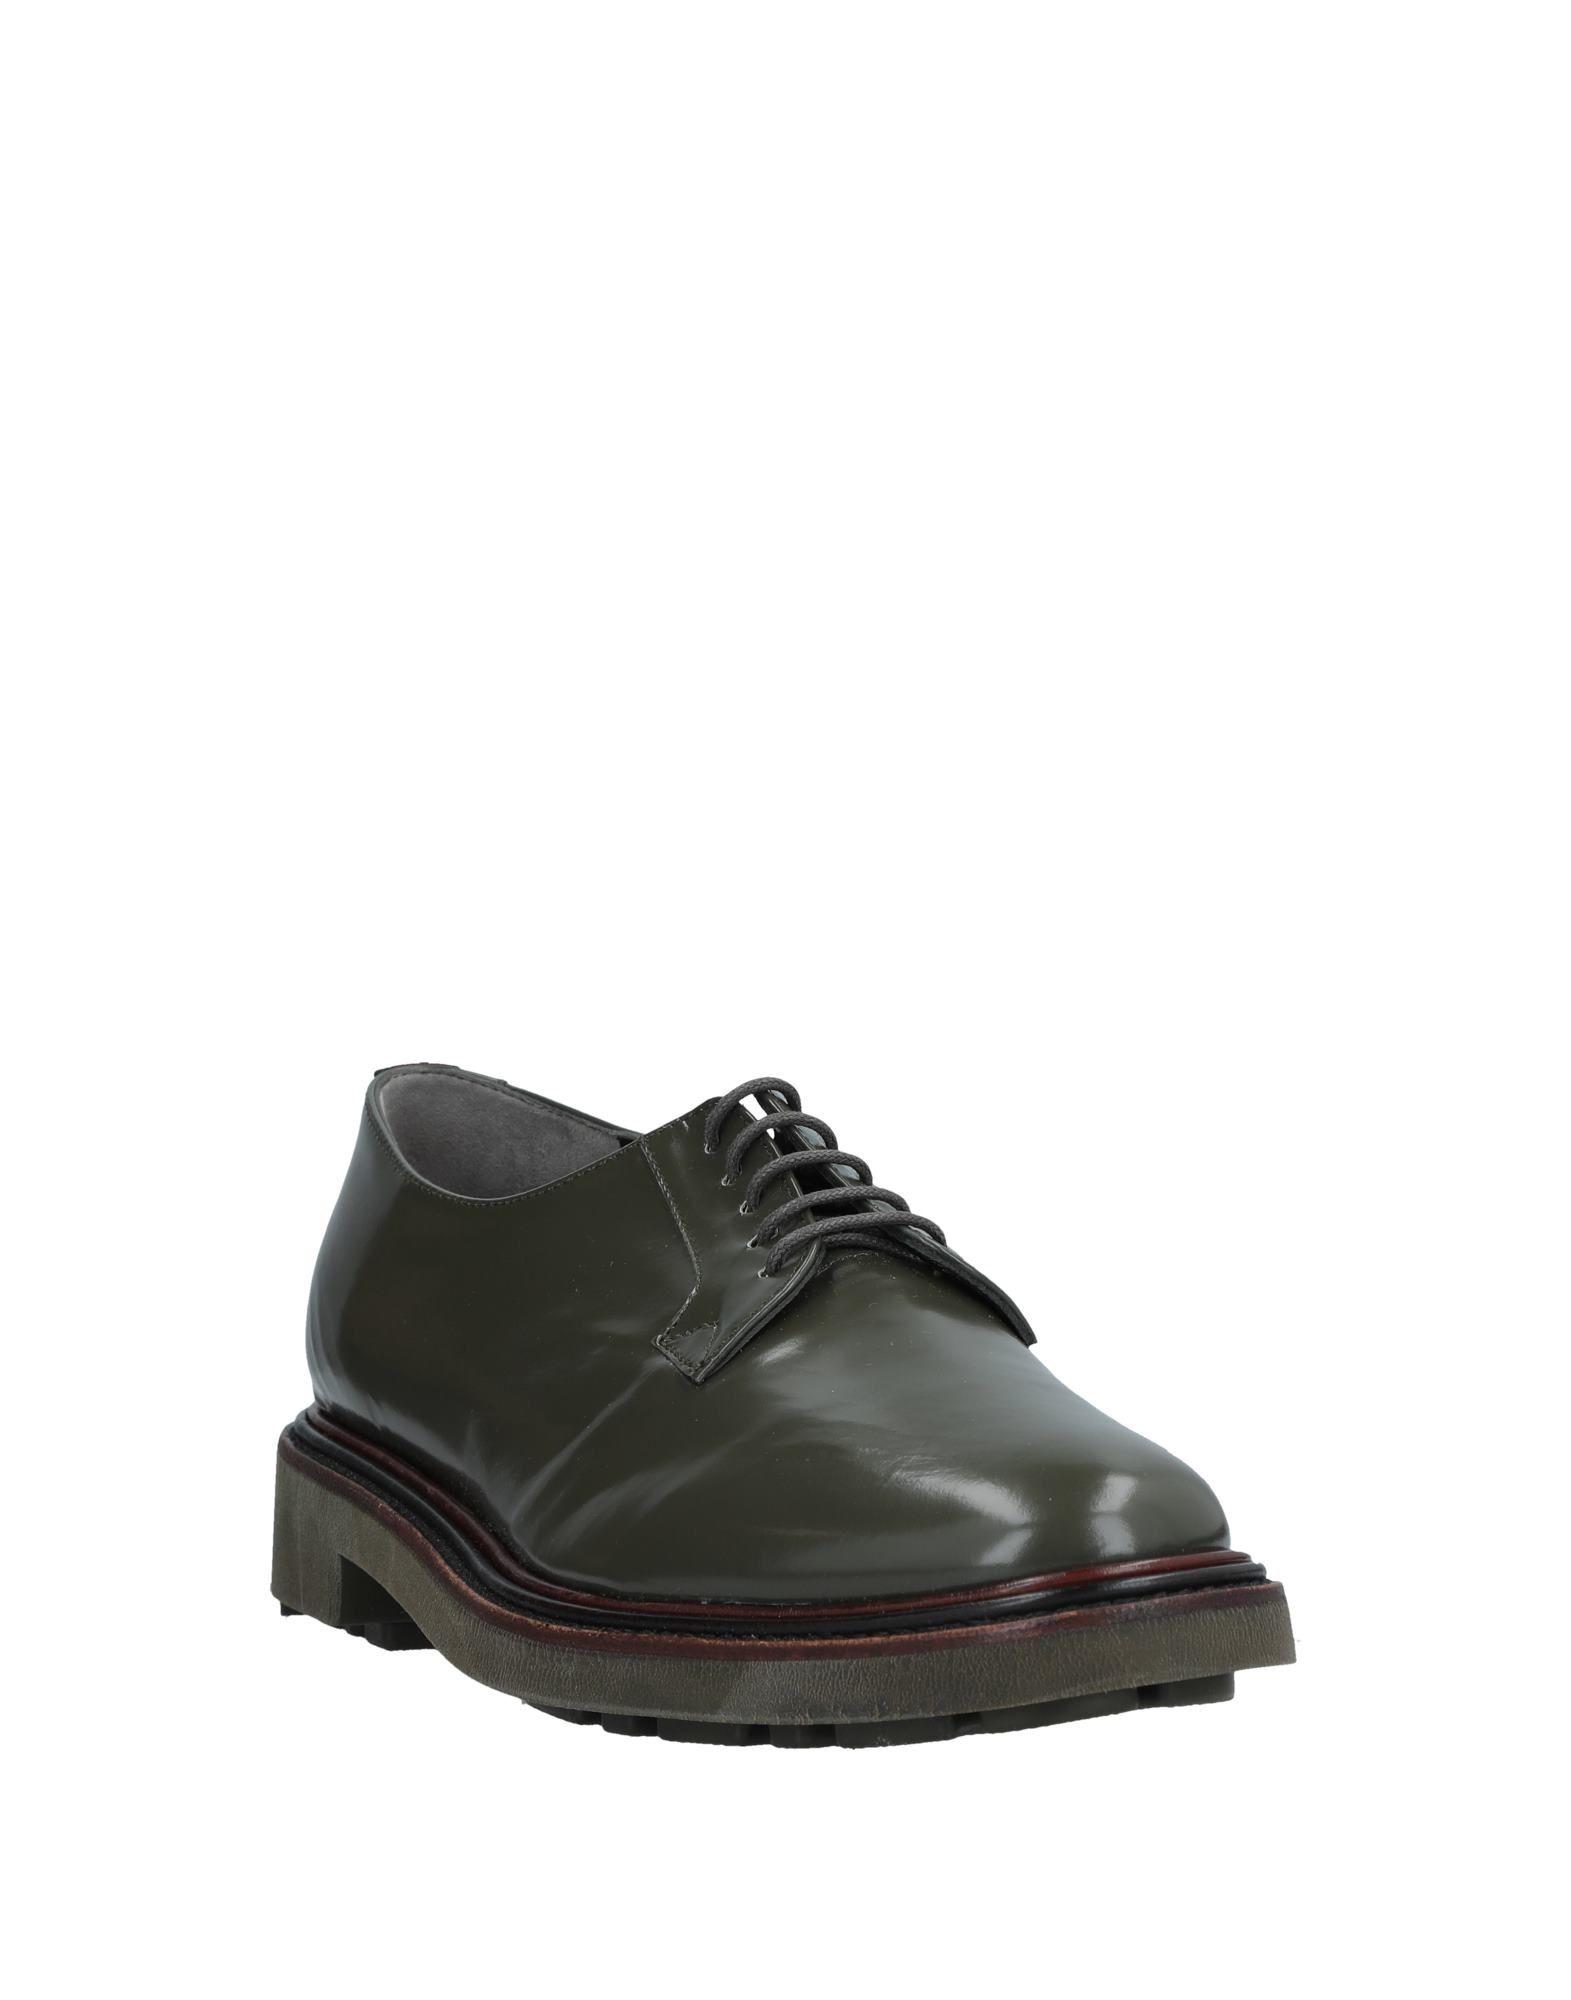 Rabatt Damen Schuhe Robert Clergerie Schnürschuhe Damen Rabatt  11530841SS 07b719